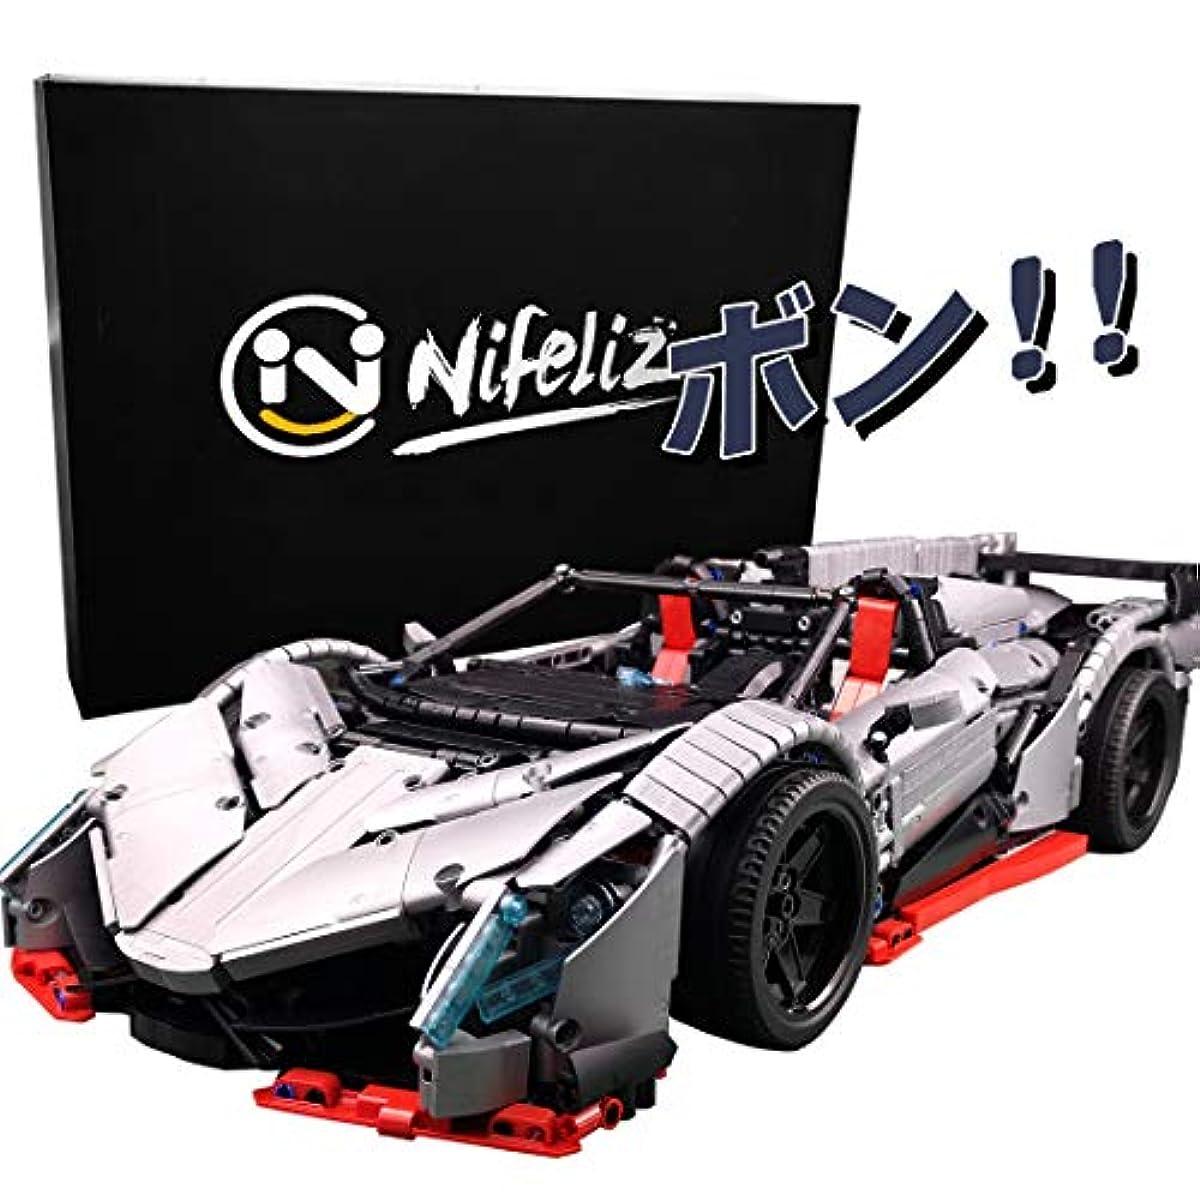 [해외] NIFELIZ (2페어)람볼기니 VENENO 스포츠 카 모델 교육 완구 레고 테크닉과 호환성이 있는 블럭 사내 아이 대형 장난감 차(1:8스케일,3427PCS)